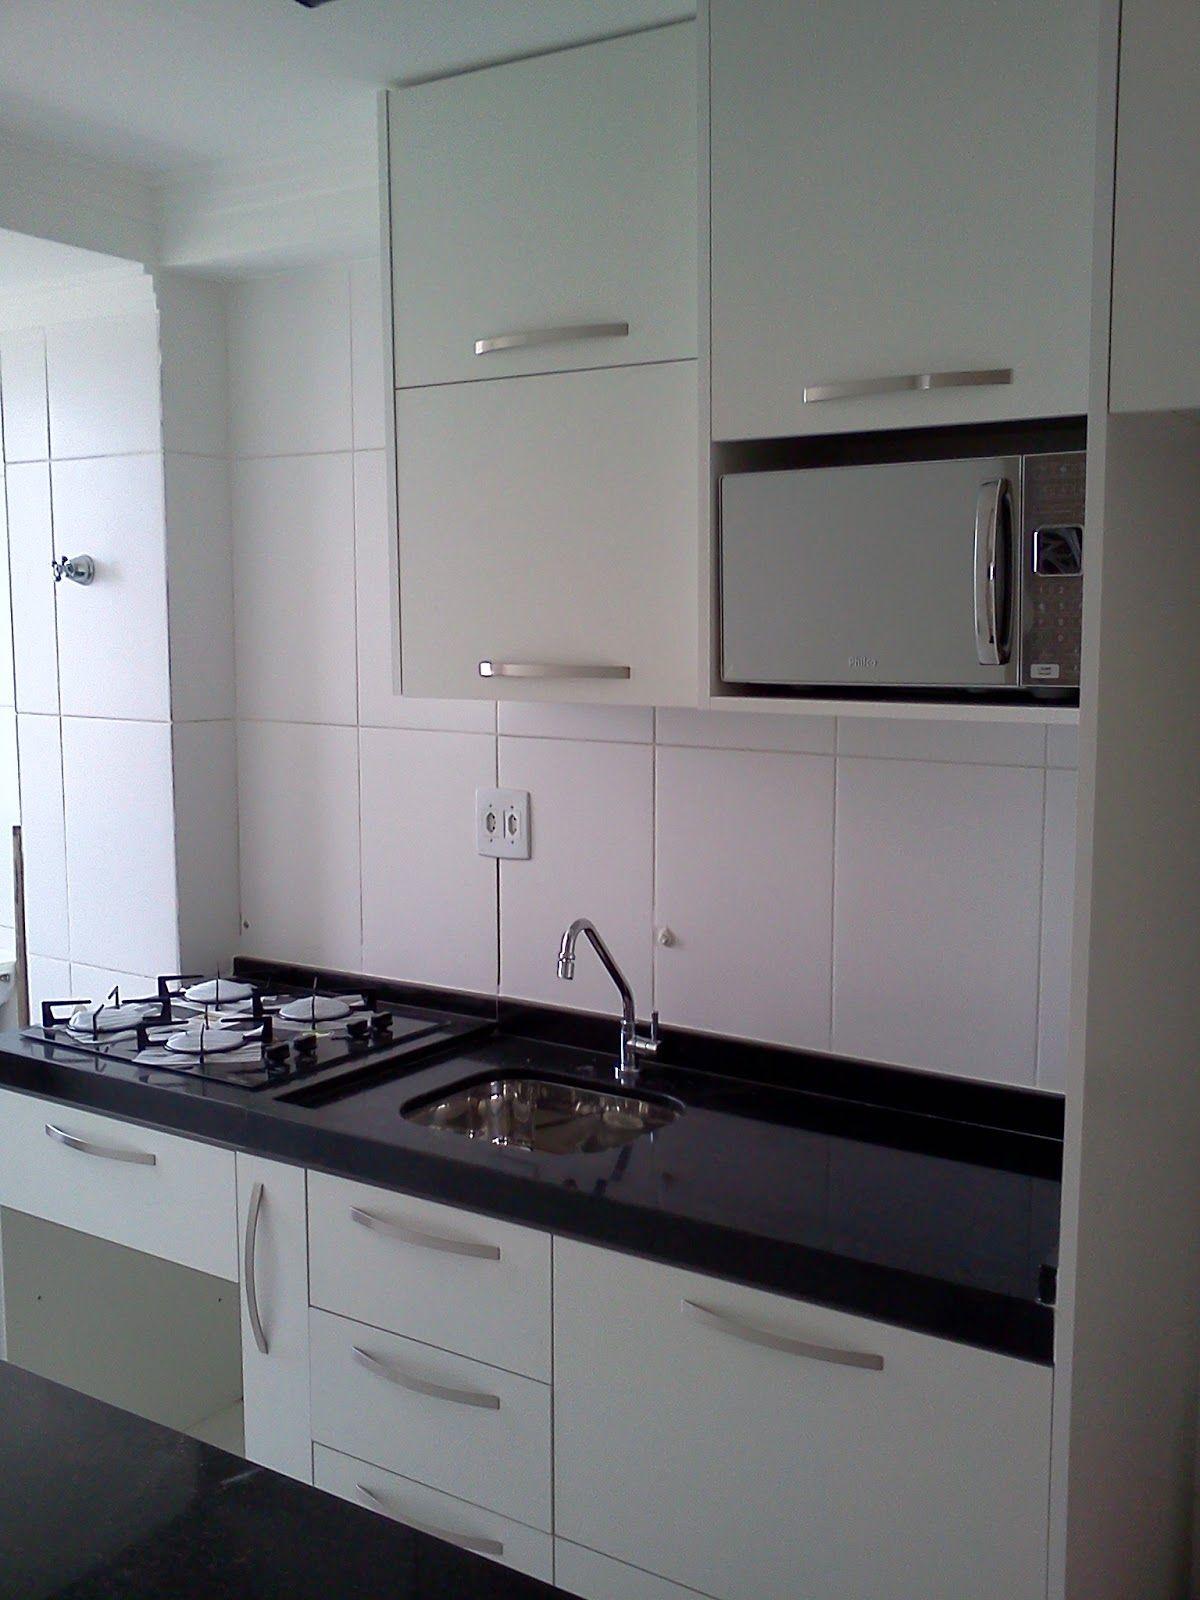 cozinhas apartamento mrv - Pesquisa Google | Apartamento | Pinterest